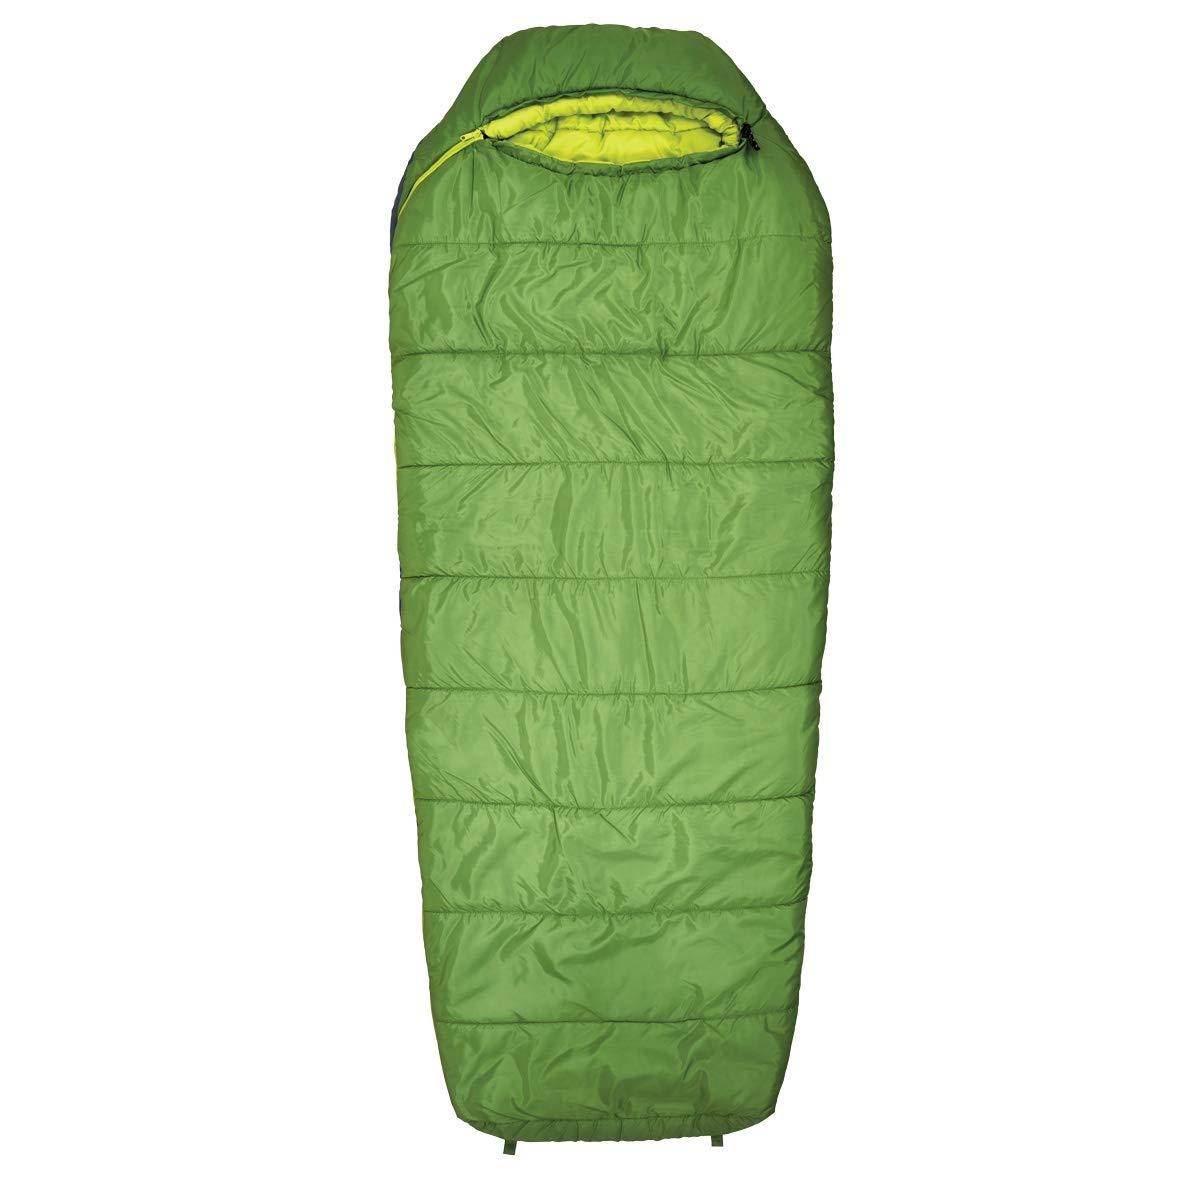 4. Coleman Stratus Adult Fleece Sleeping Bag Liner